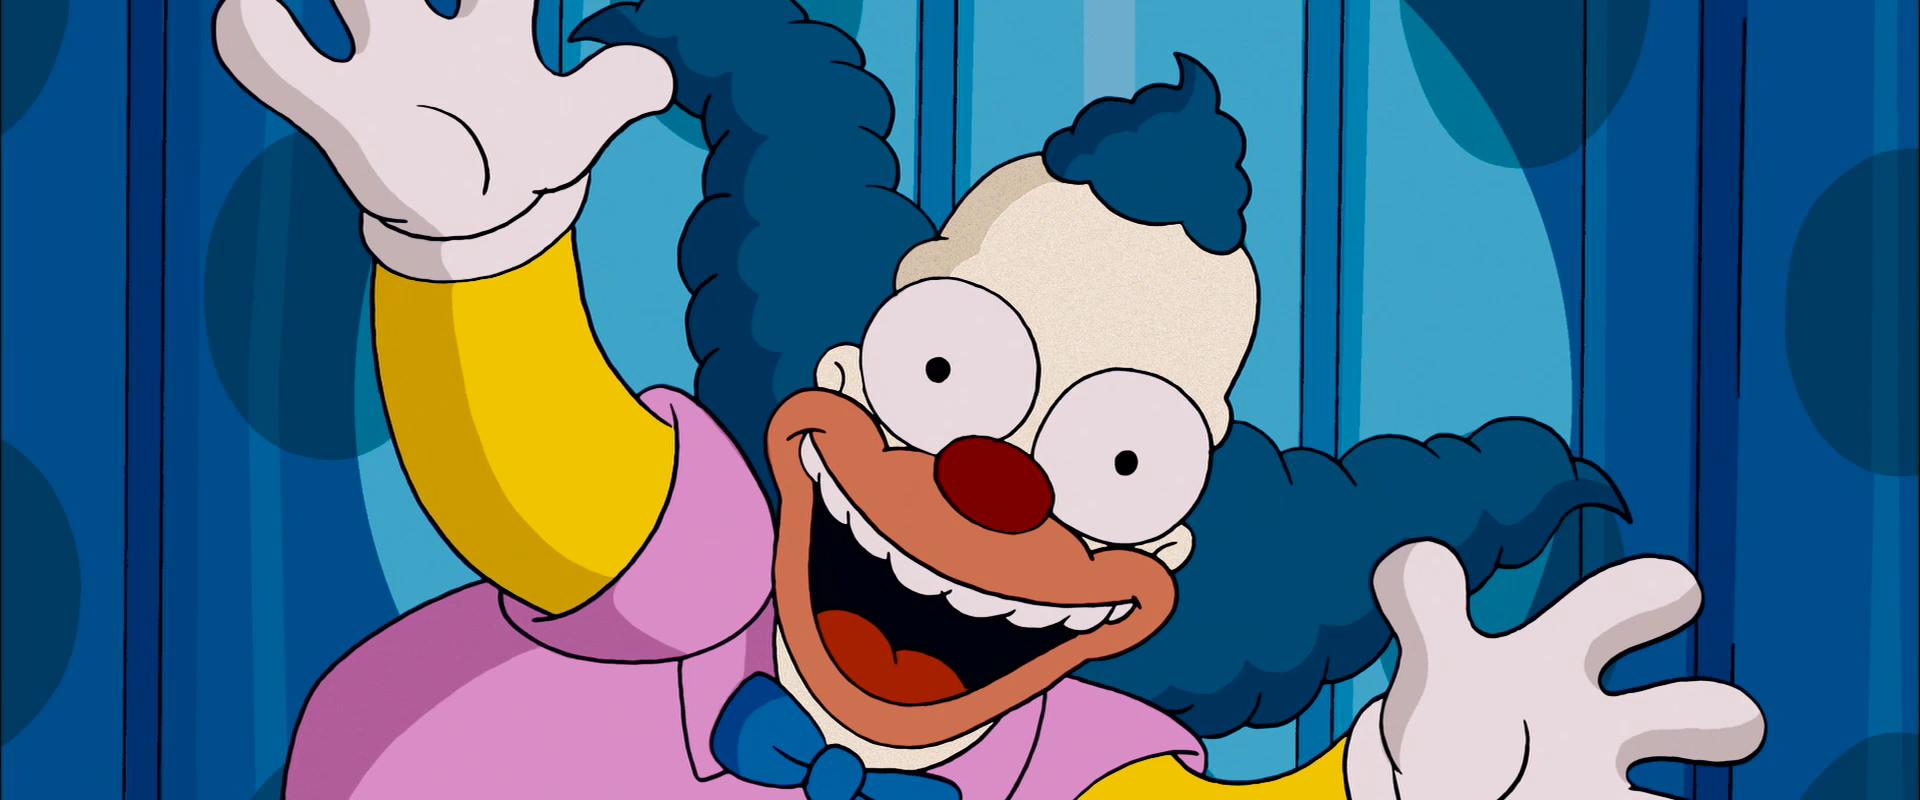 Krusty il clown wikipedia - Clown simpson ...